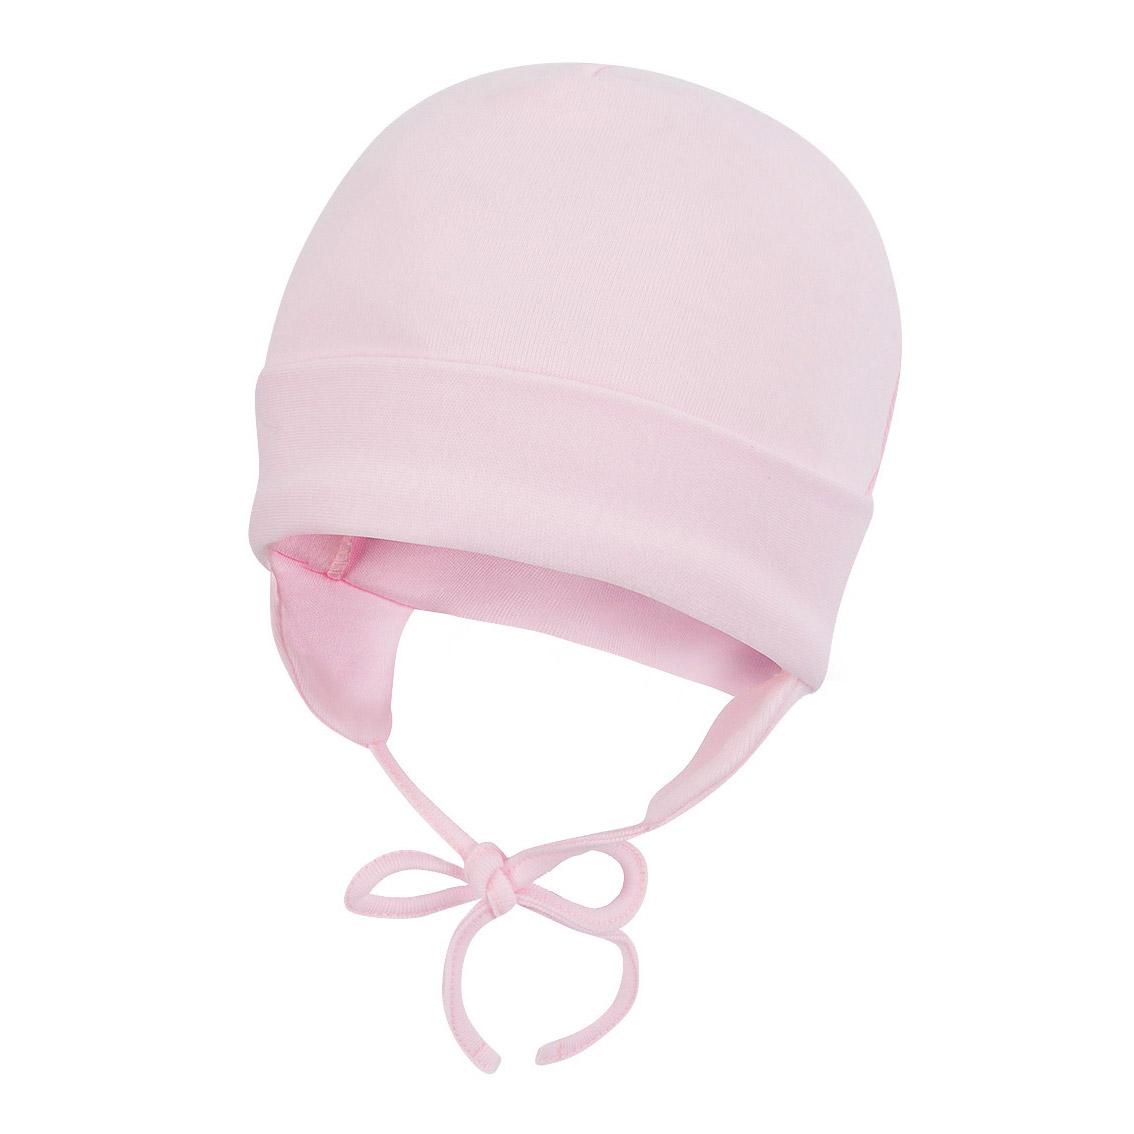 Купить Шапочка Lucky Child со шнурочками Ангелочки розовая 38, Розовый, Интерлок, Осень-Зима, Одежда для новорожденных